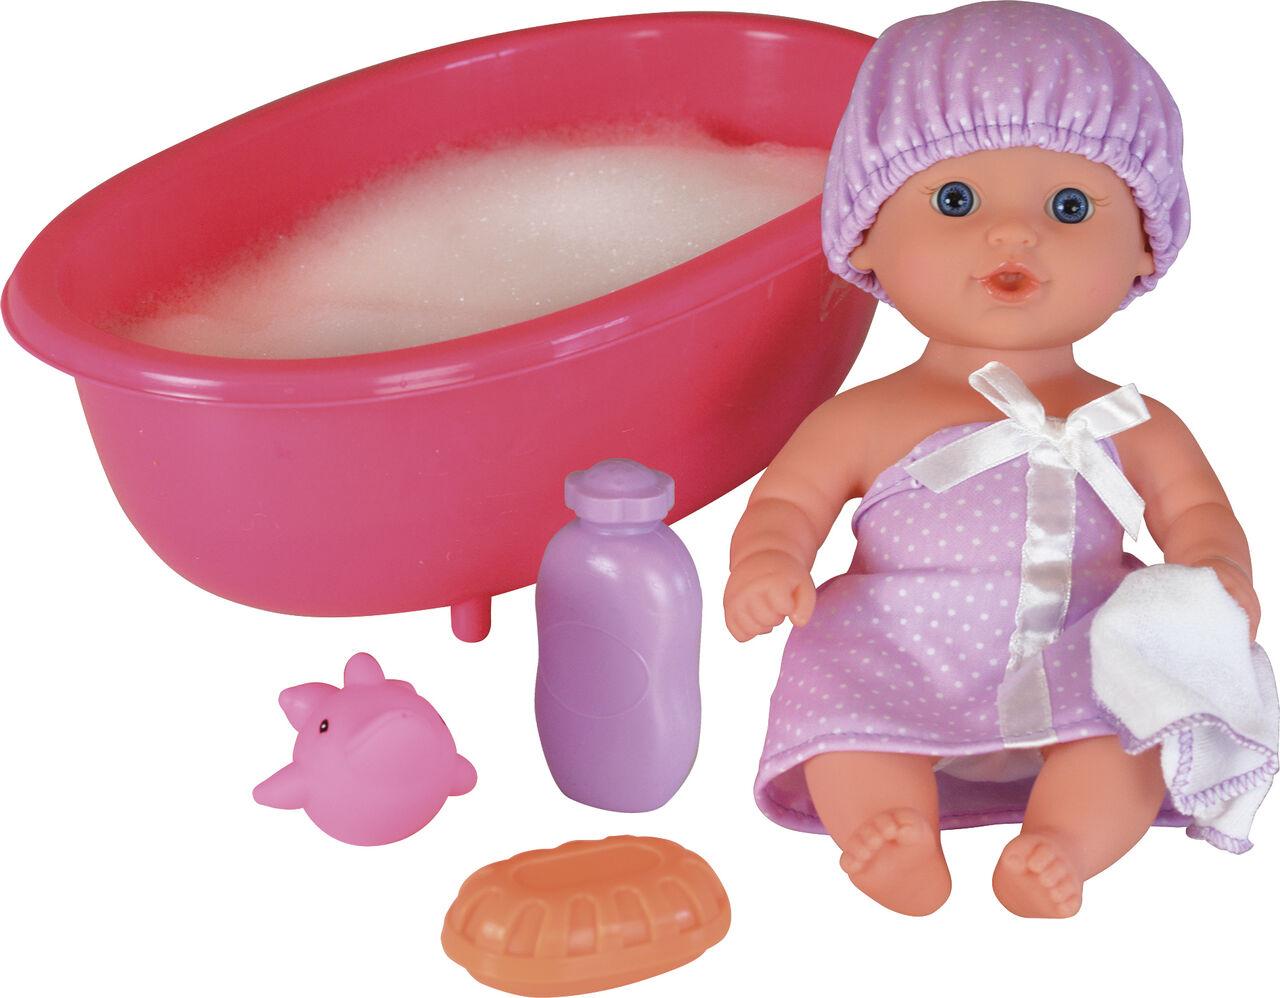 Happy Friend - Mathilde 25cm Bathtub fun (504207)